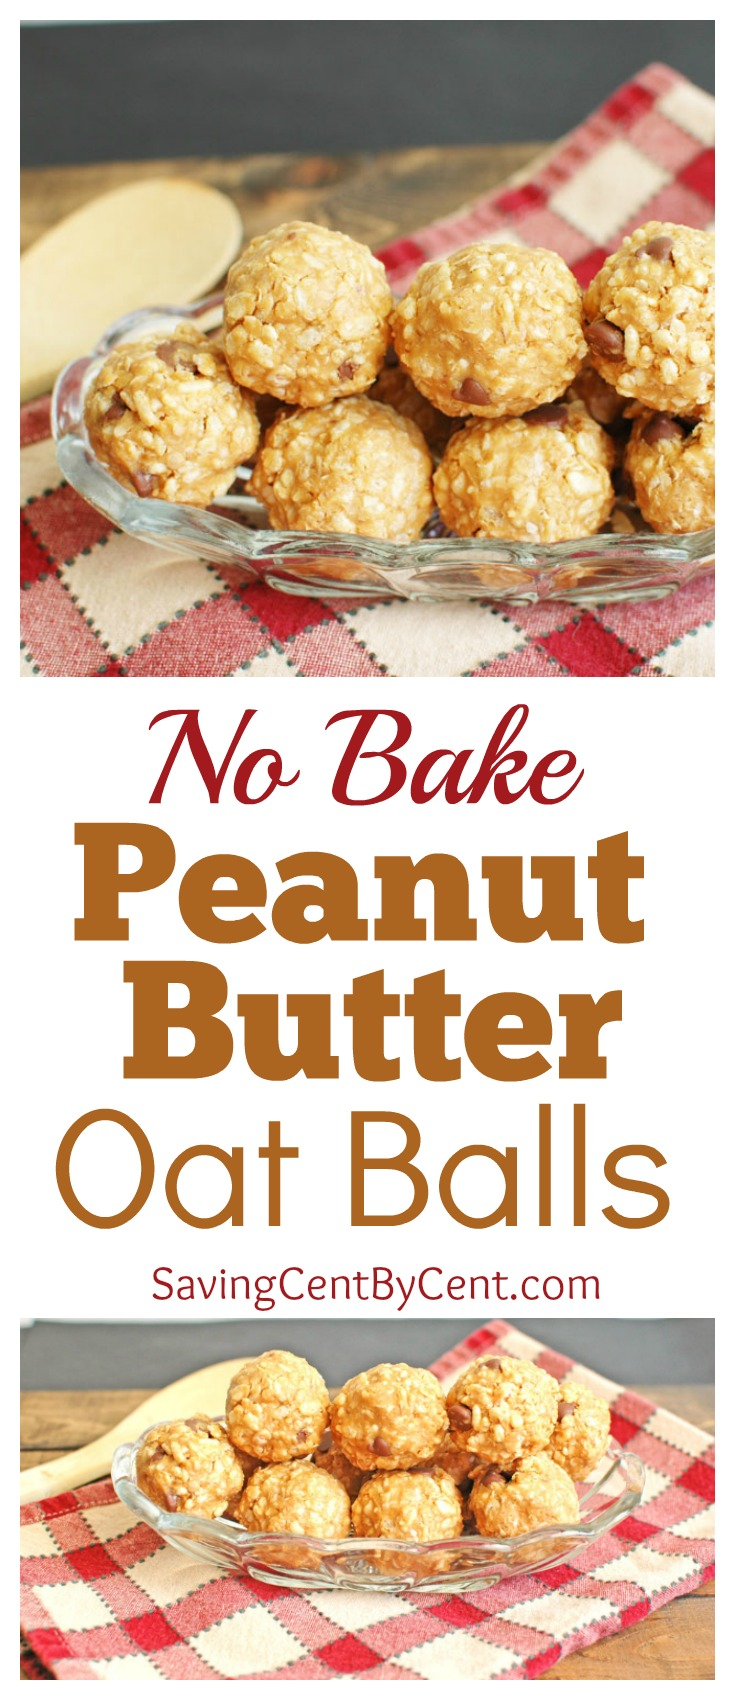 No Bake Peanut Butter Oat Balls